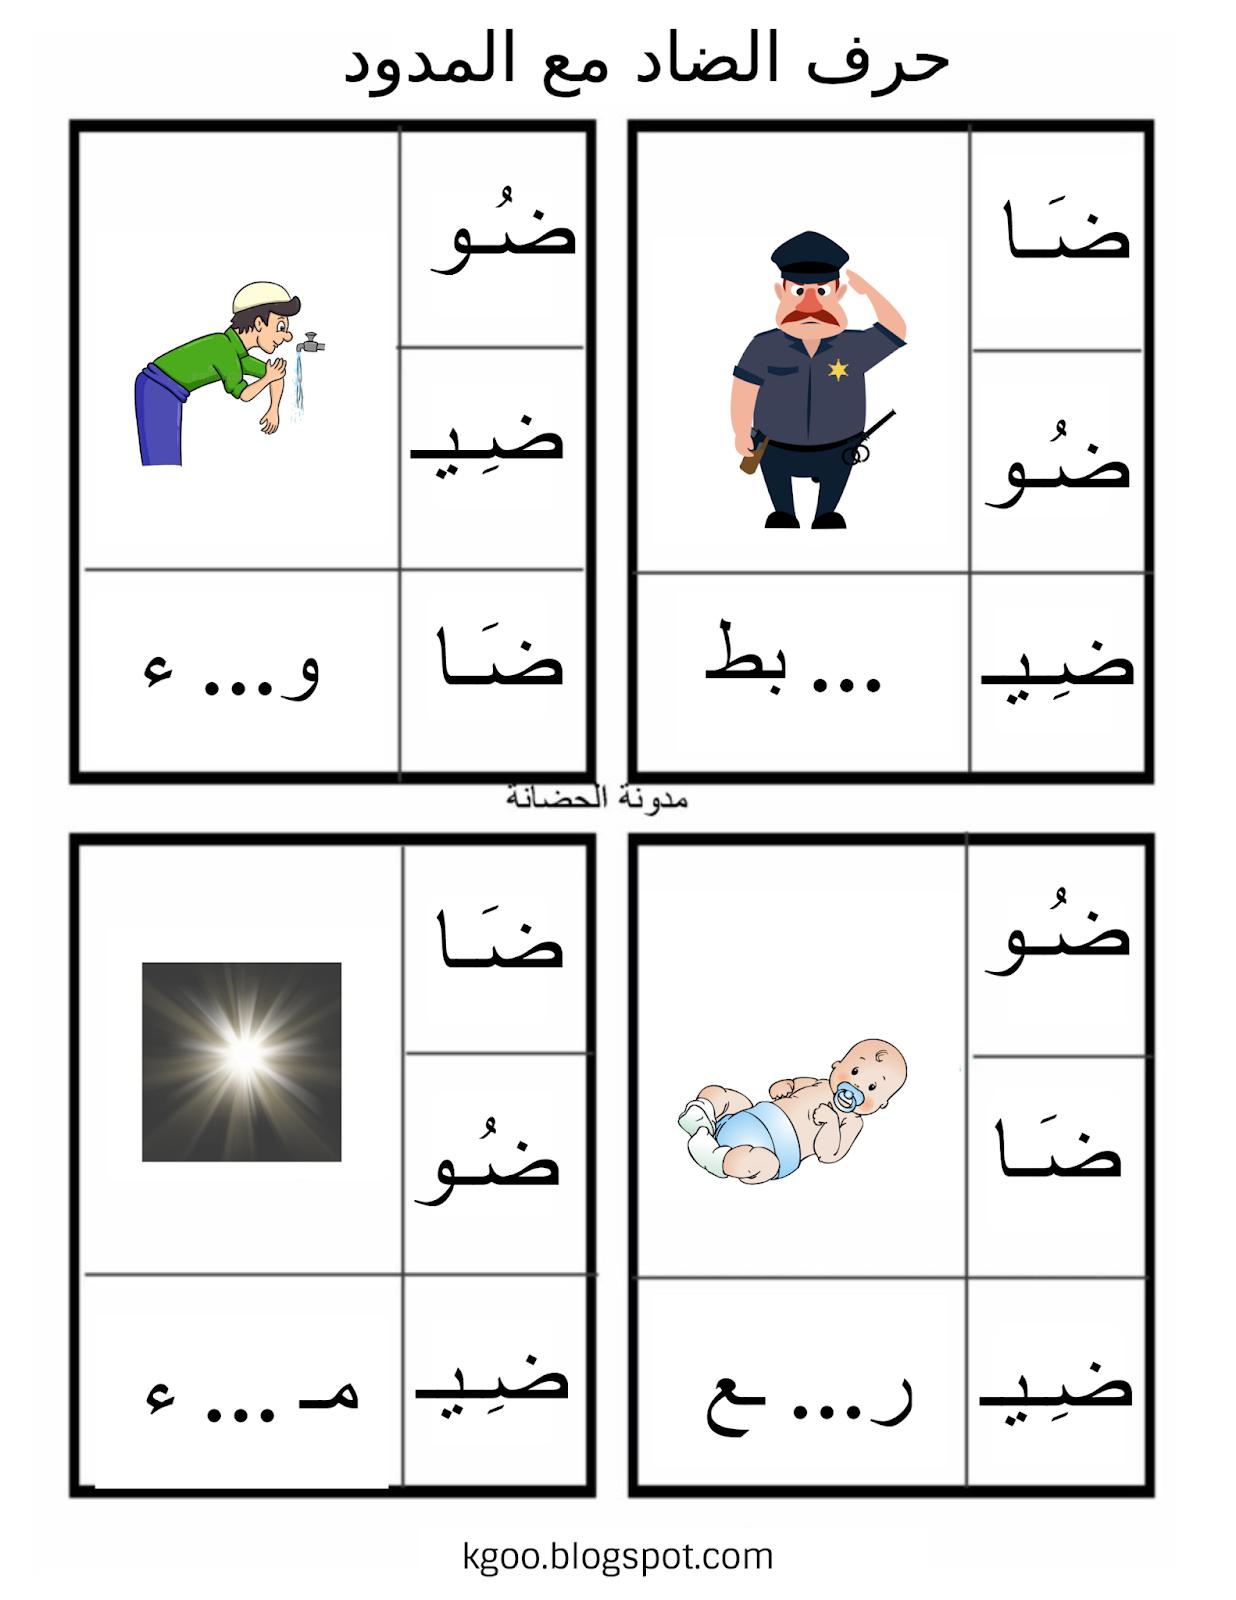 درس نموذجي حرف الضاد مع المدود مع ورقة عمل حرف الضاد Cartes D Alphabet Apprendre L Alphabet Alphabet